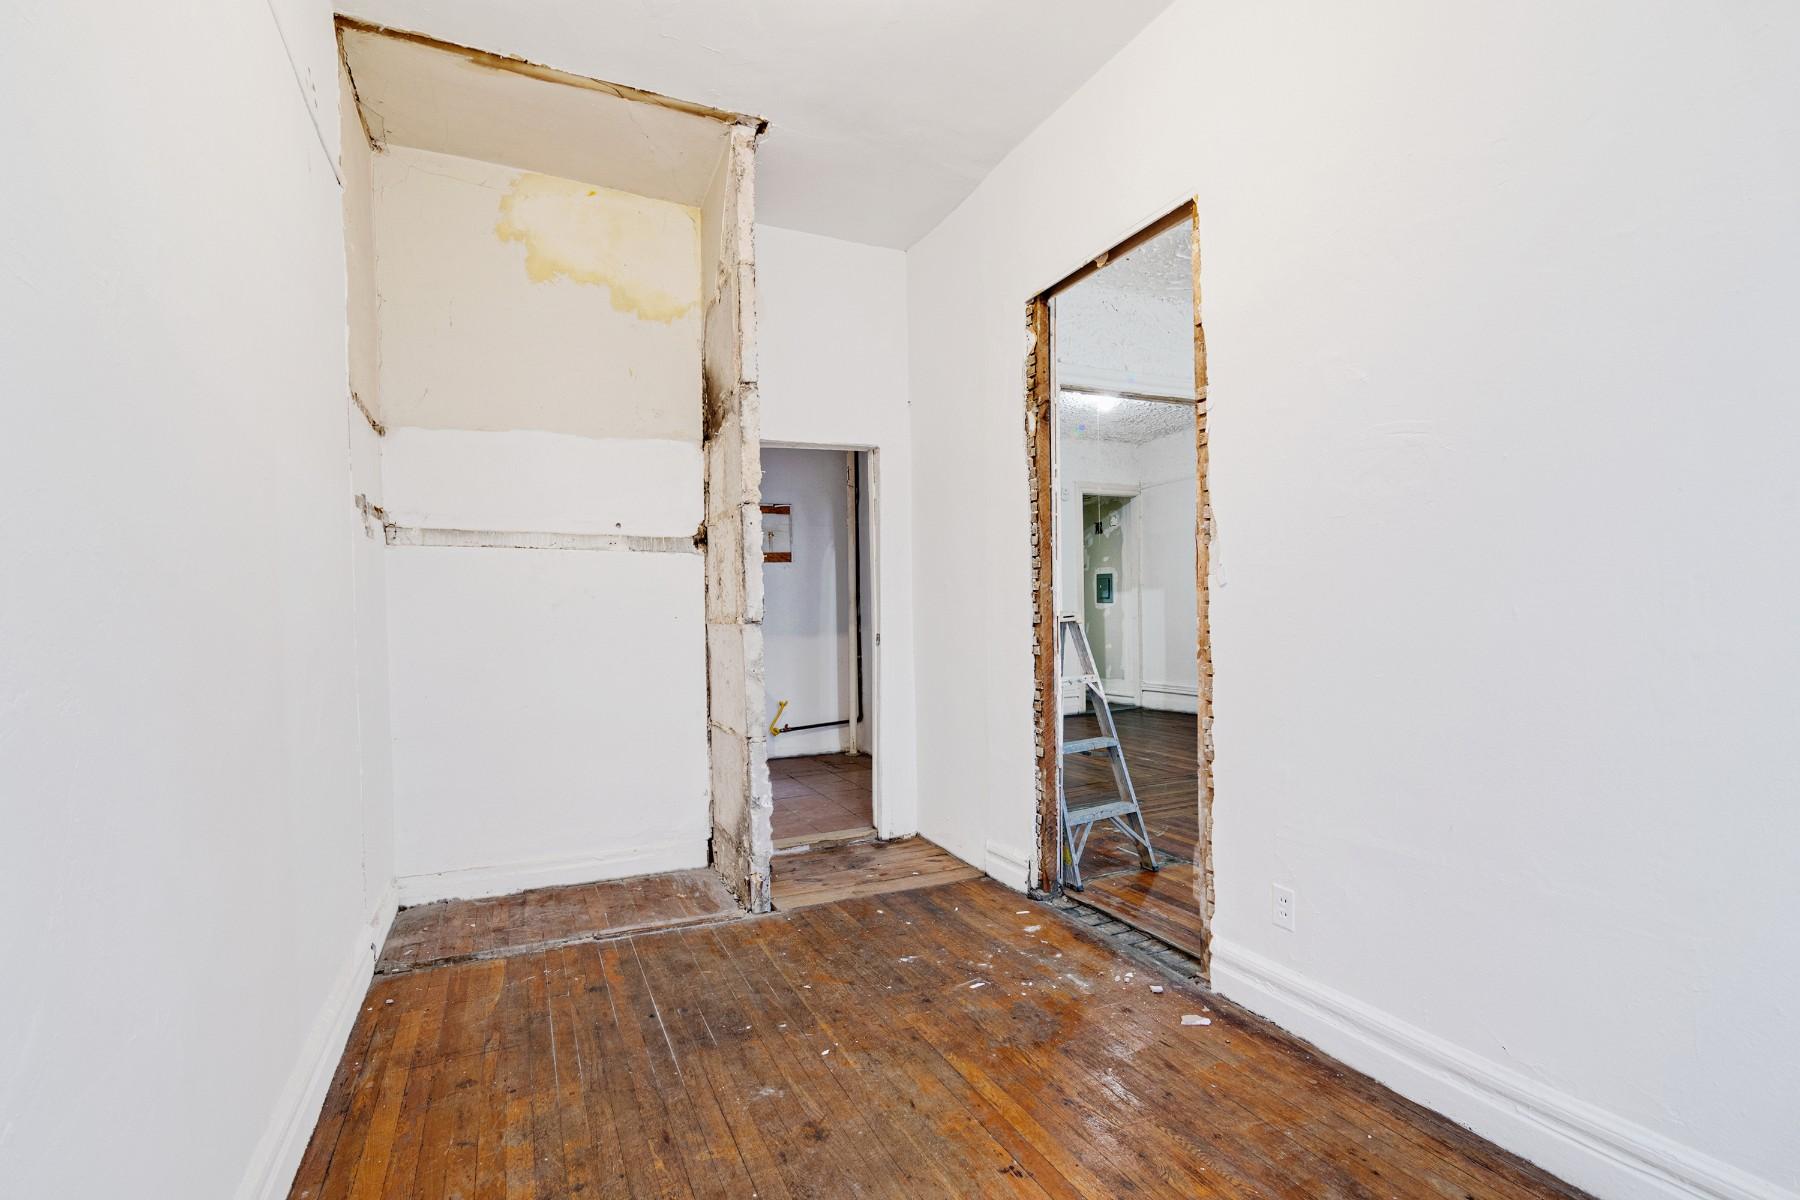 474 West 158th Street Washington Heights New York NY 10032 - David